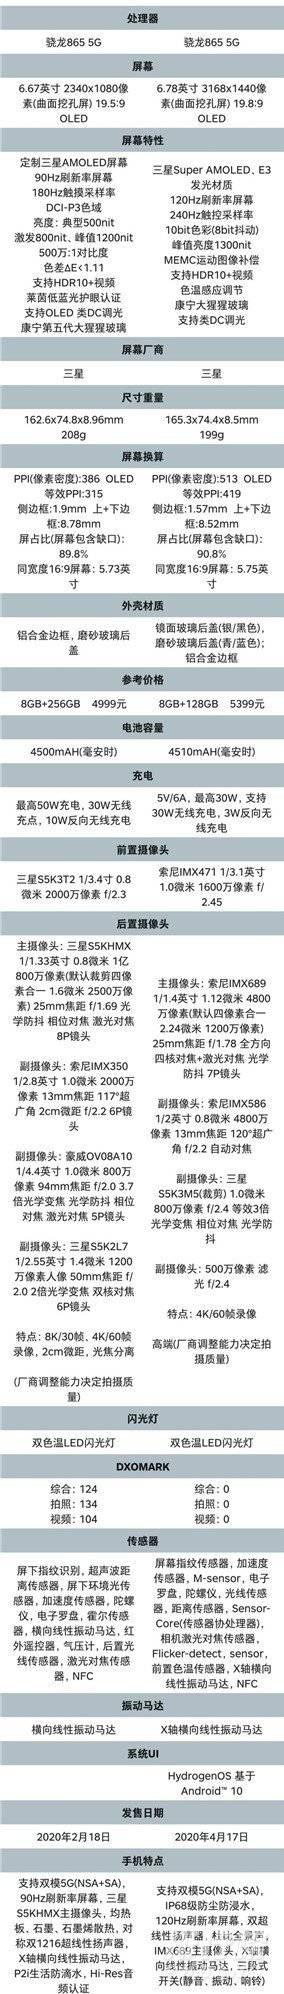 一加8pro和小米10pro对比_一加8pro和小米10pro参数对比